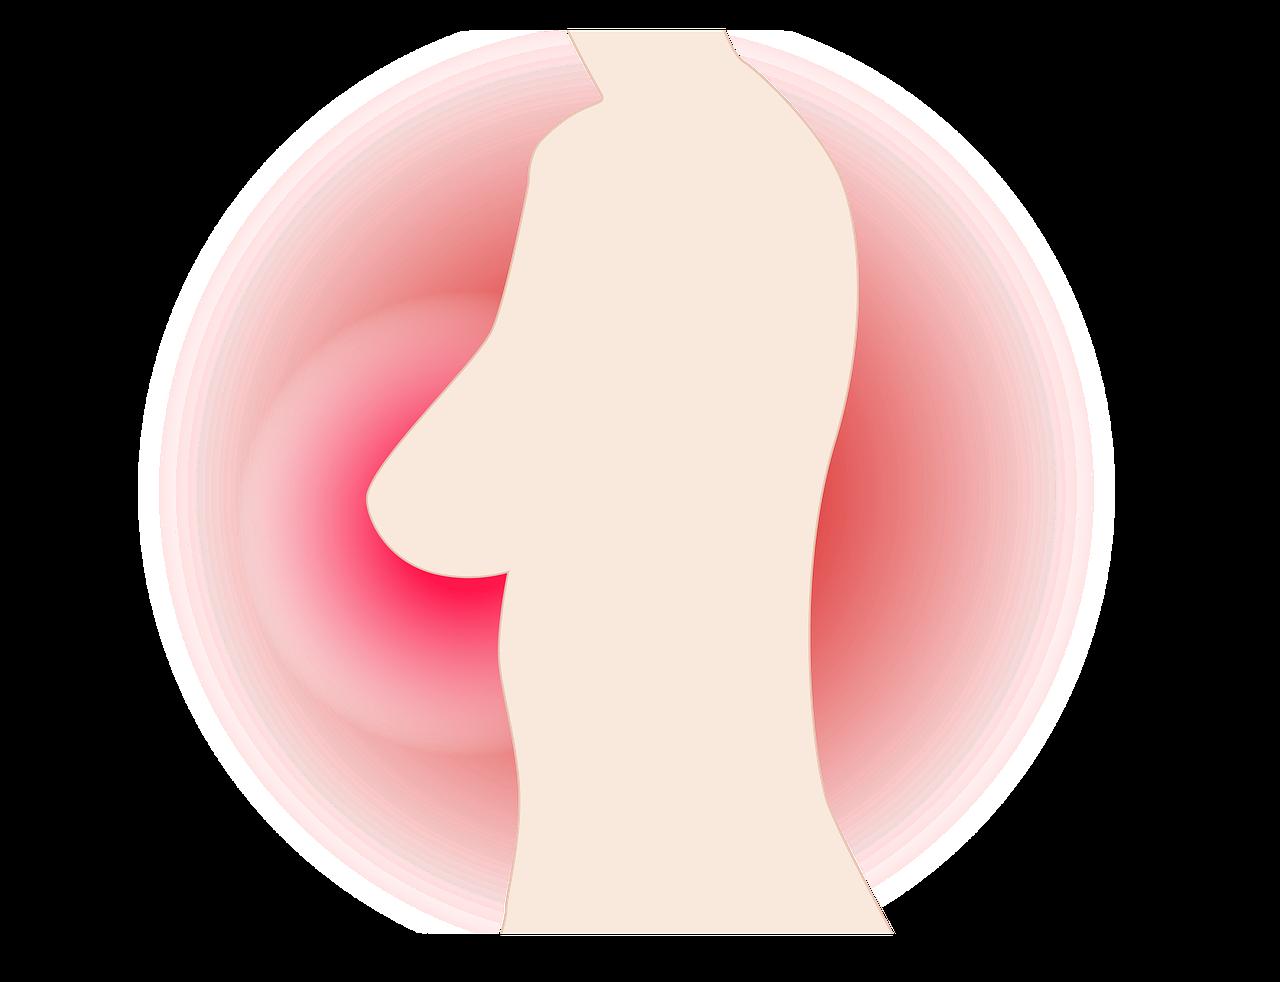 女性の乳房を象徴する画像